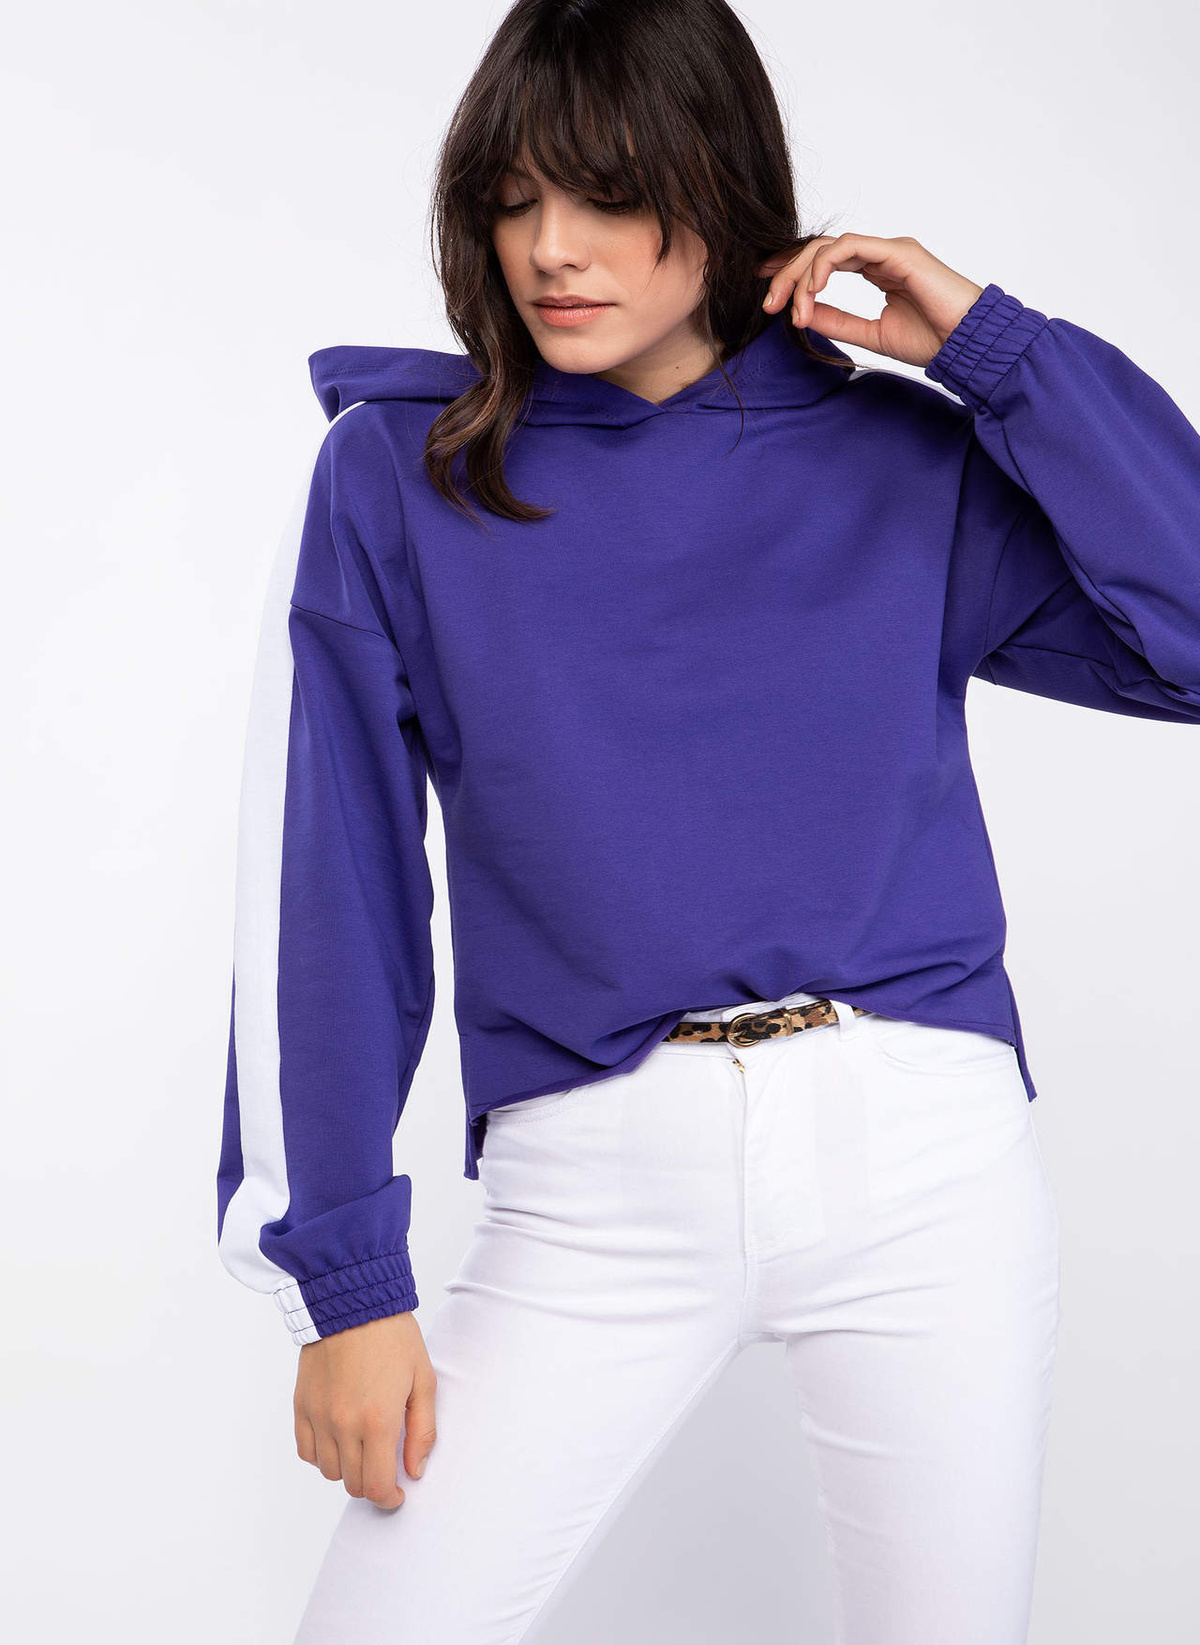 Defacto Kapşüonlu Şerit Detaylı Sweatshirt K5335az18cwpr231sweatshirt – 49.99 TL